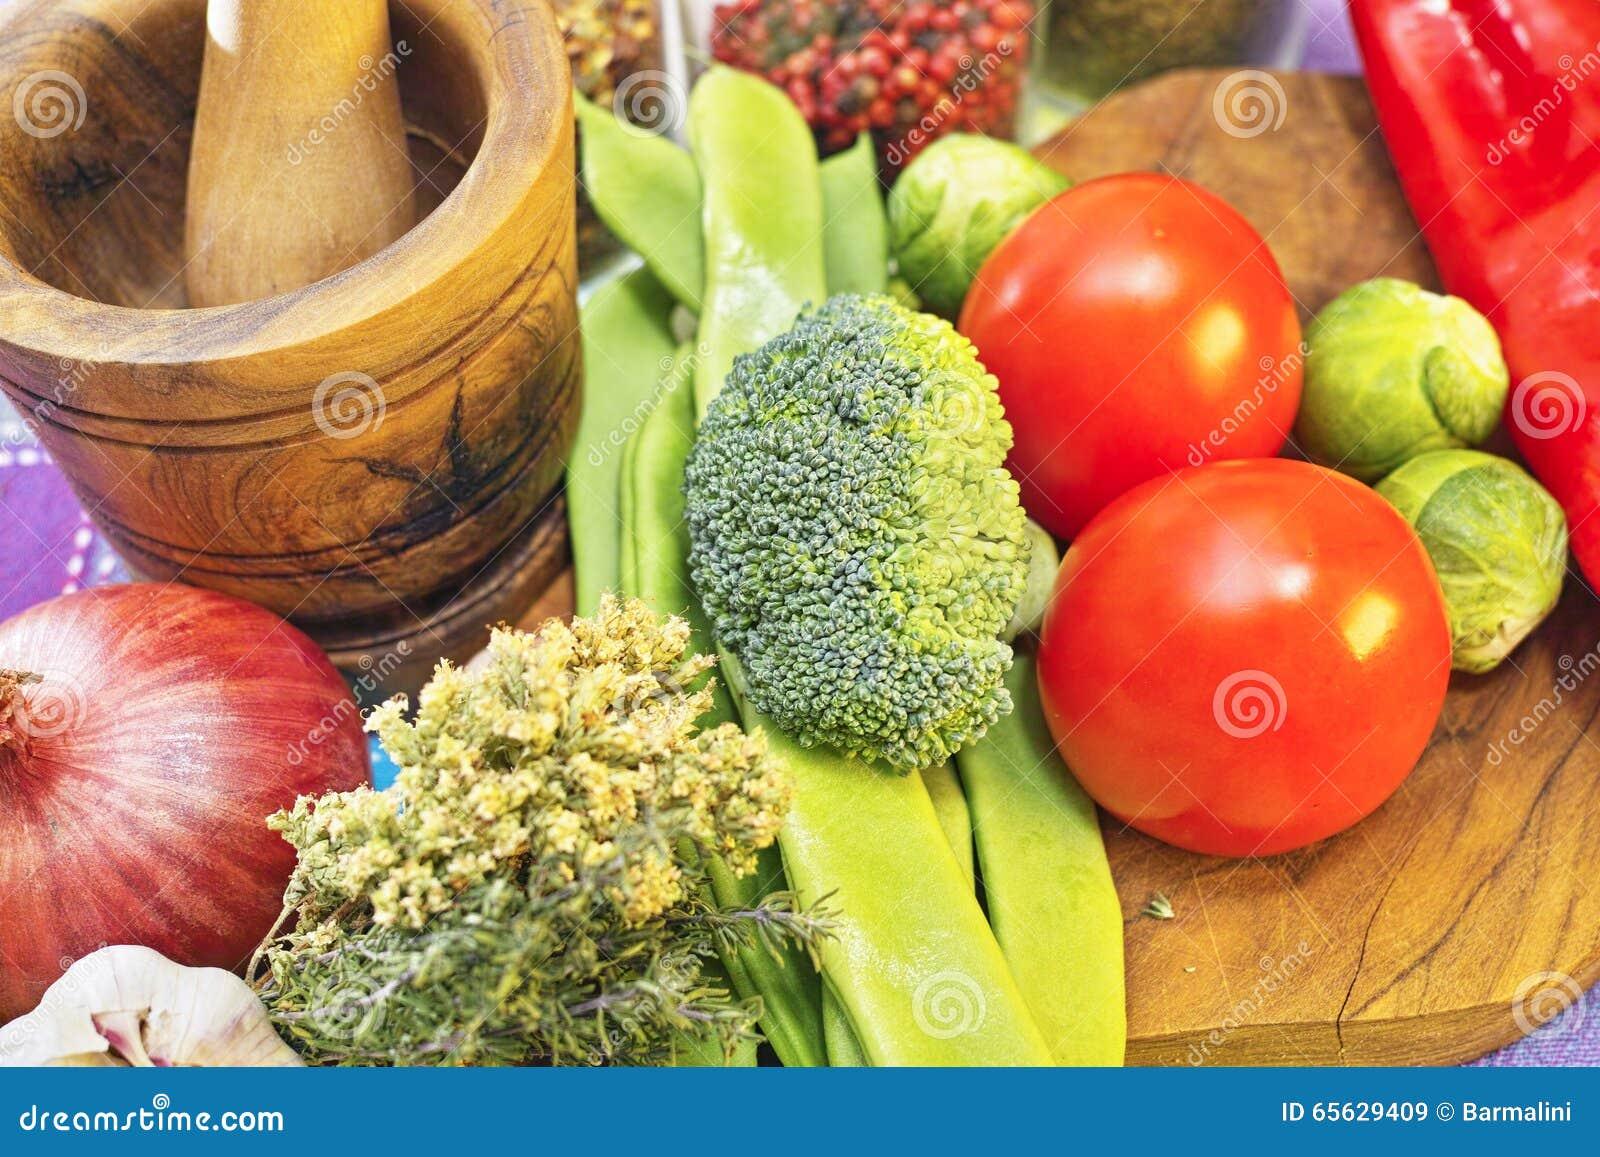 Légumes frais et sains, rouges et verts, brocoli, tomates, oignon sur la planche à découper en bois olive et mortel